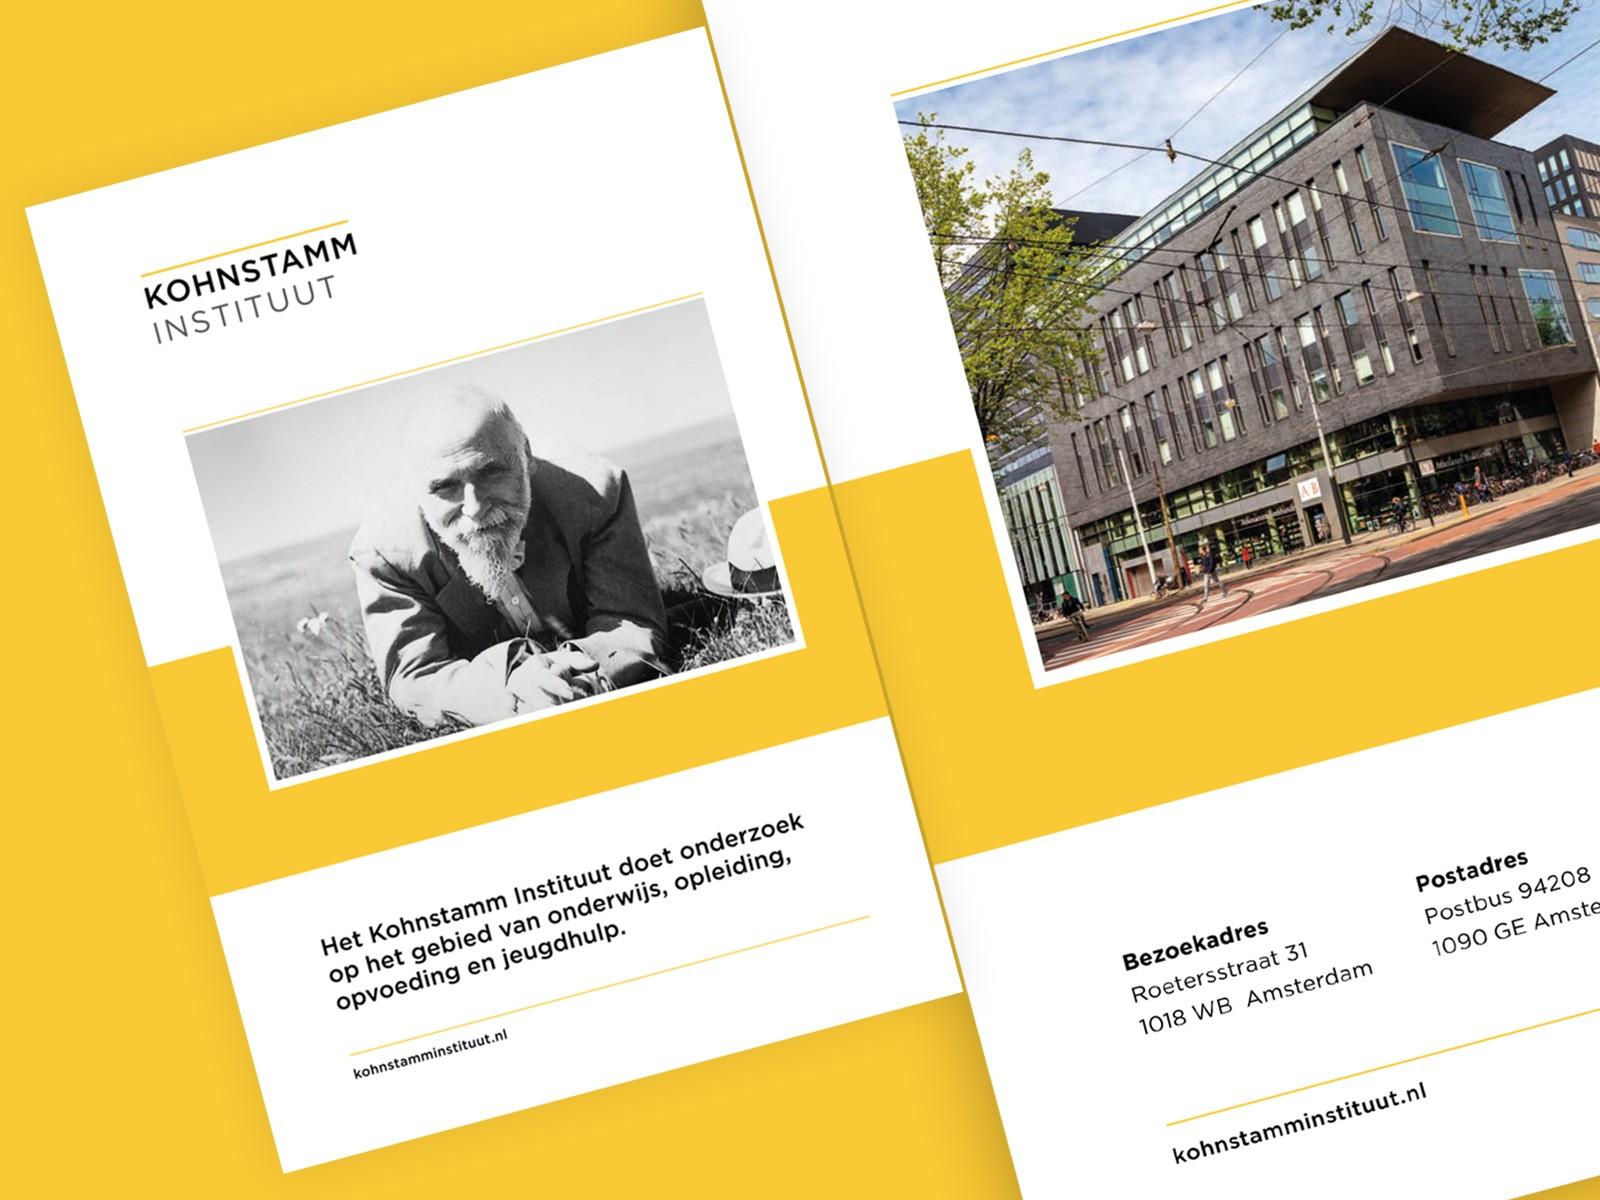 Brochure Kohnstamm Instituut - Voor- en achterkant